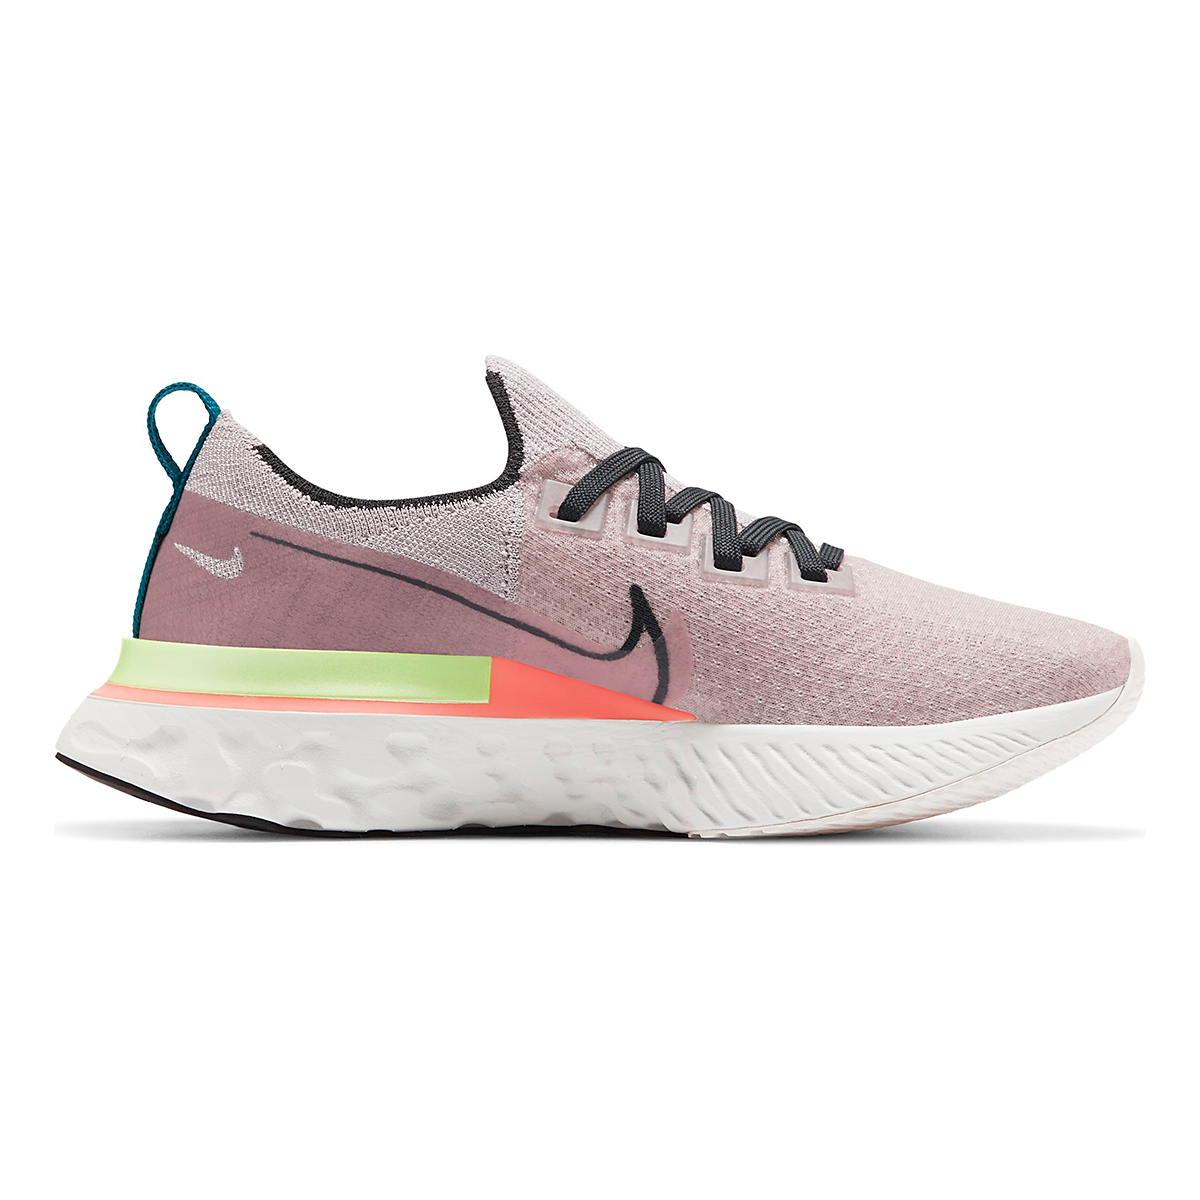 Women's Nike React Infinity Run Flyknit Running Shoe - Color: Violet Ash/Smoke Grey/Pink Blast - Size: 5 - Width: Regular, Violet Ash/Smoke Grey/Pink Blast, large, image 1